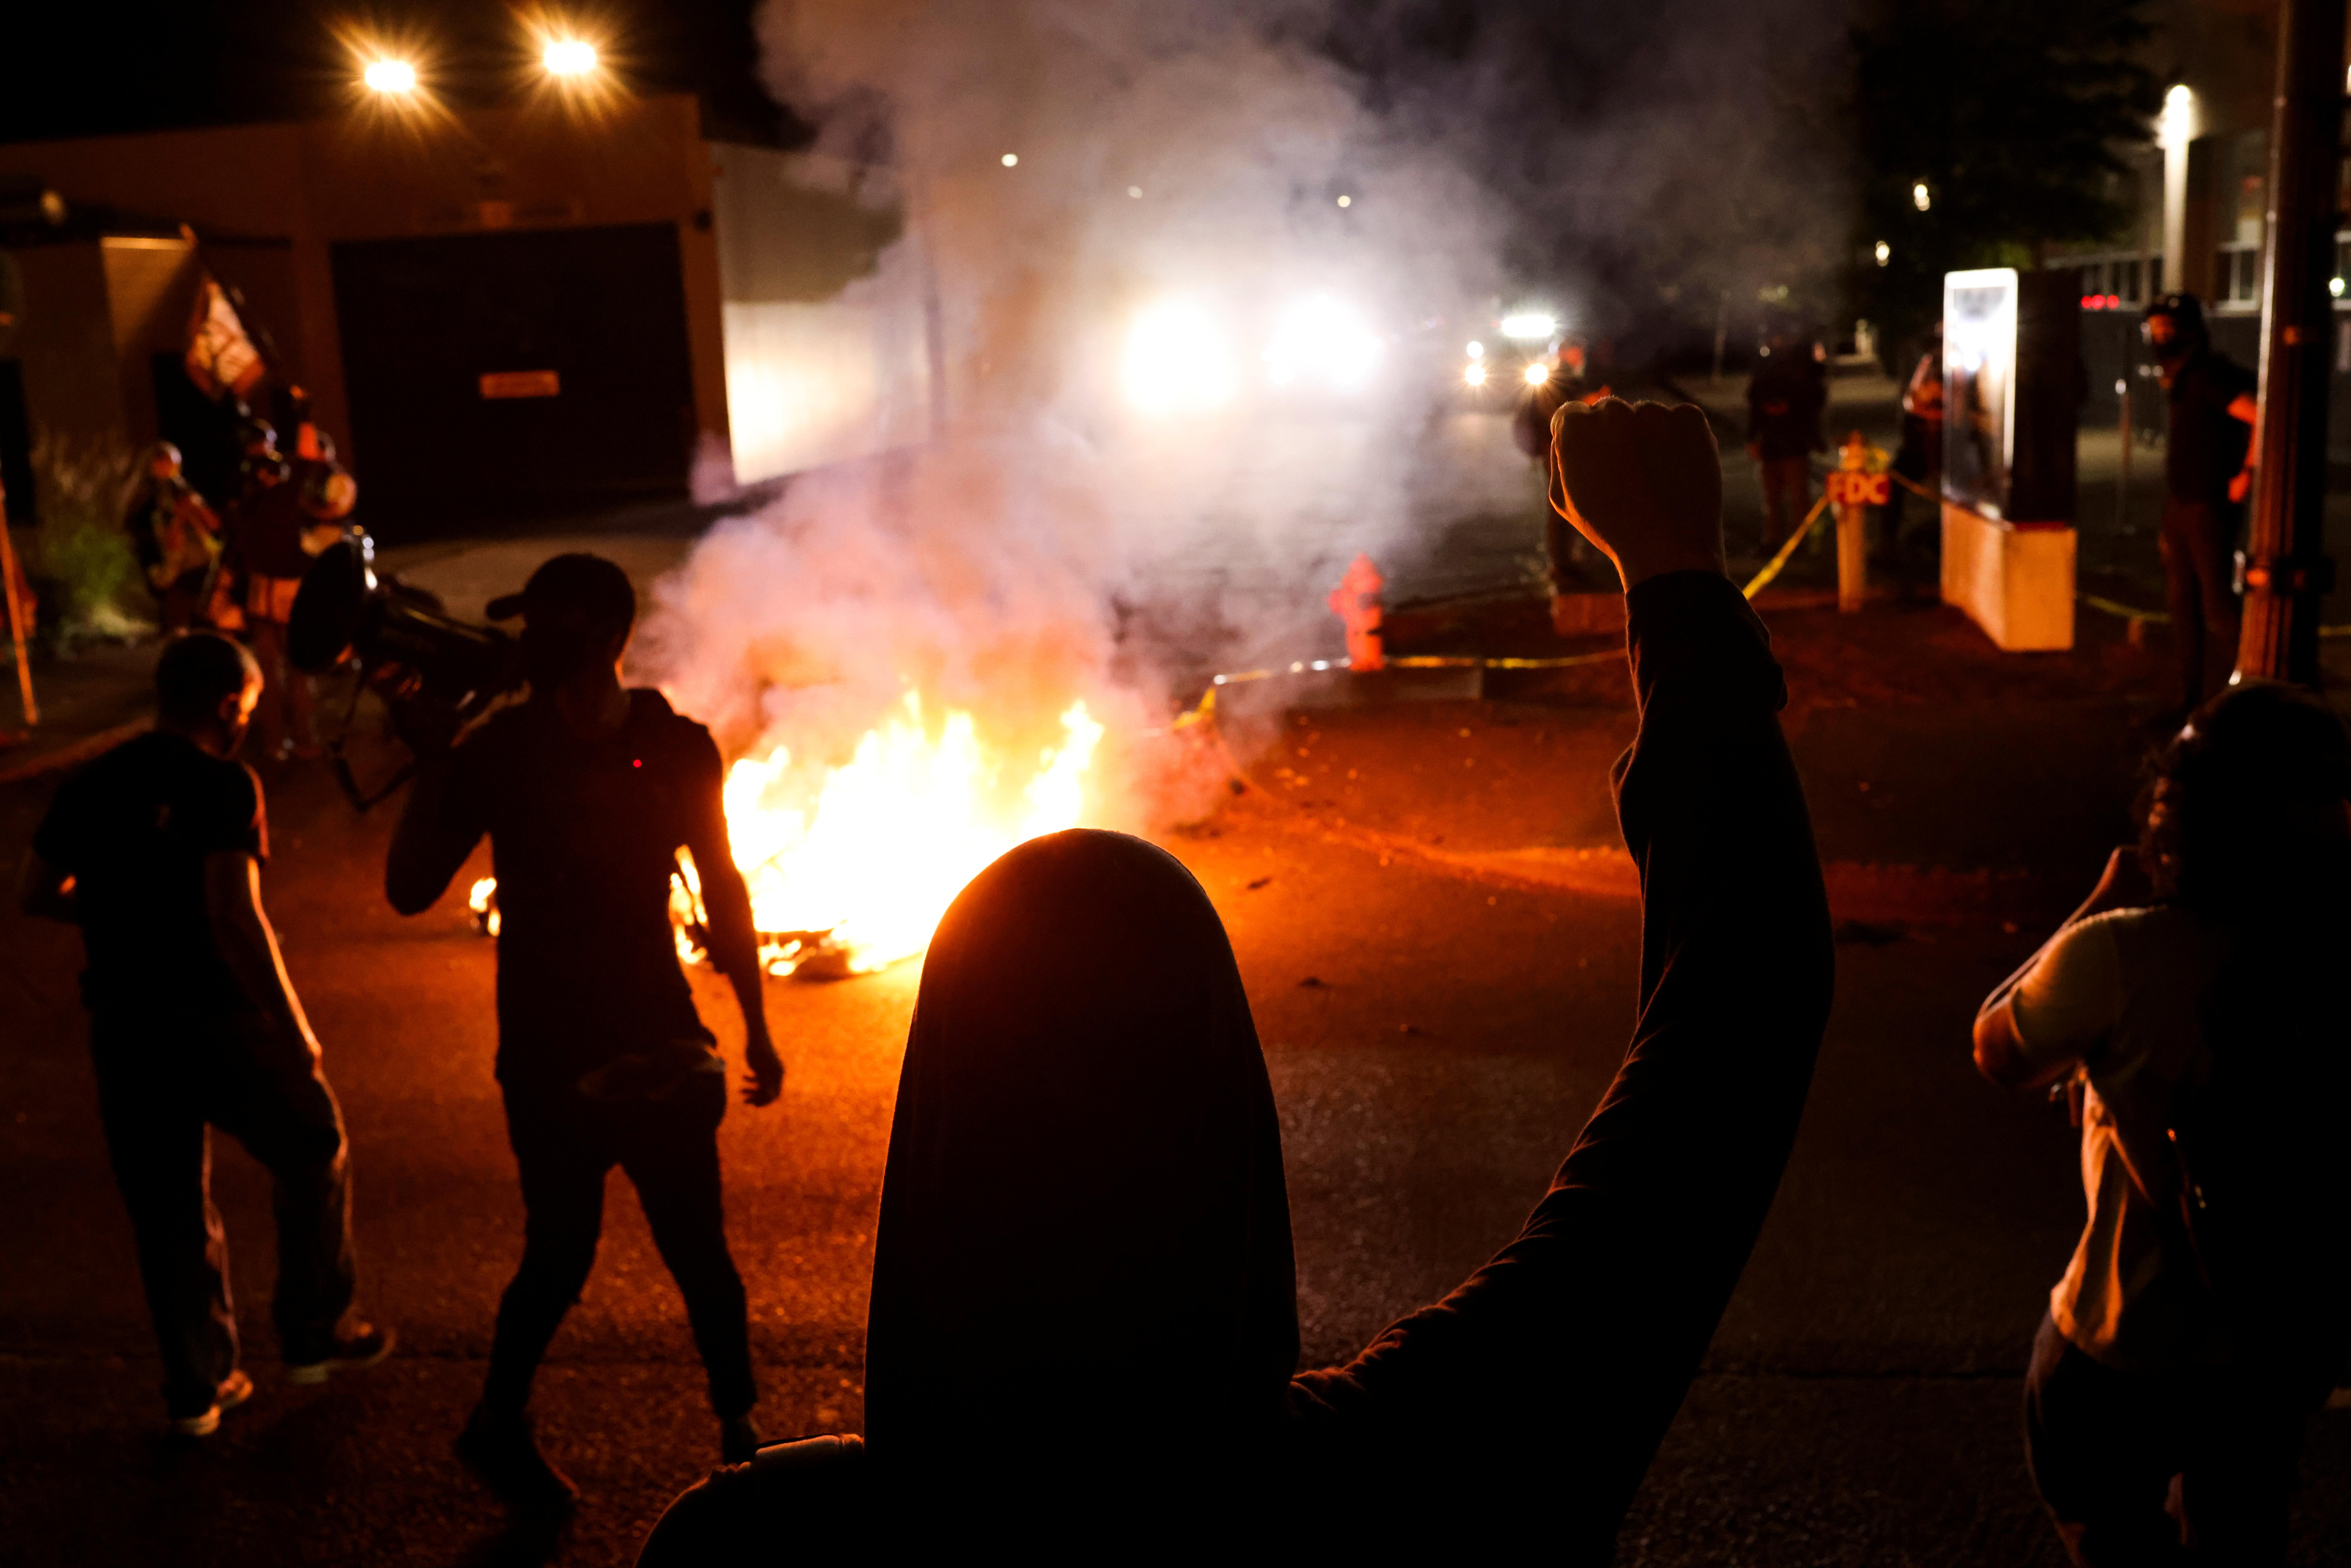 Τέλος τα δακρυγόνα στο Πόρτλαντ! Απαγορεύονται με απόφαση Δημάρχου